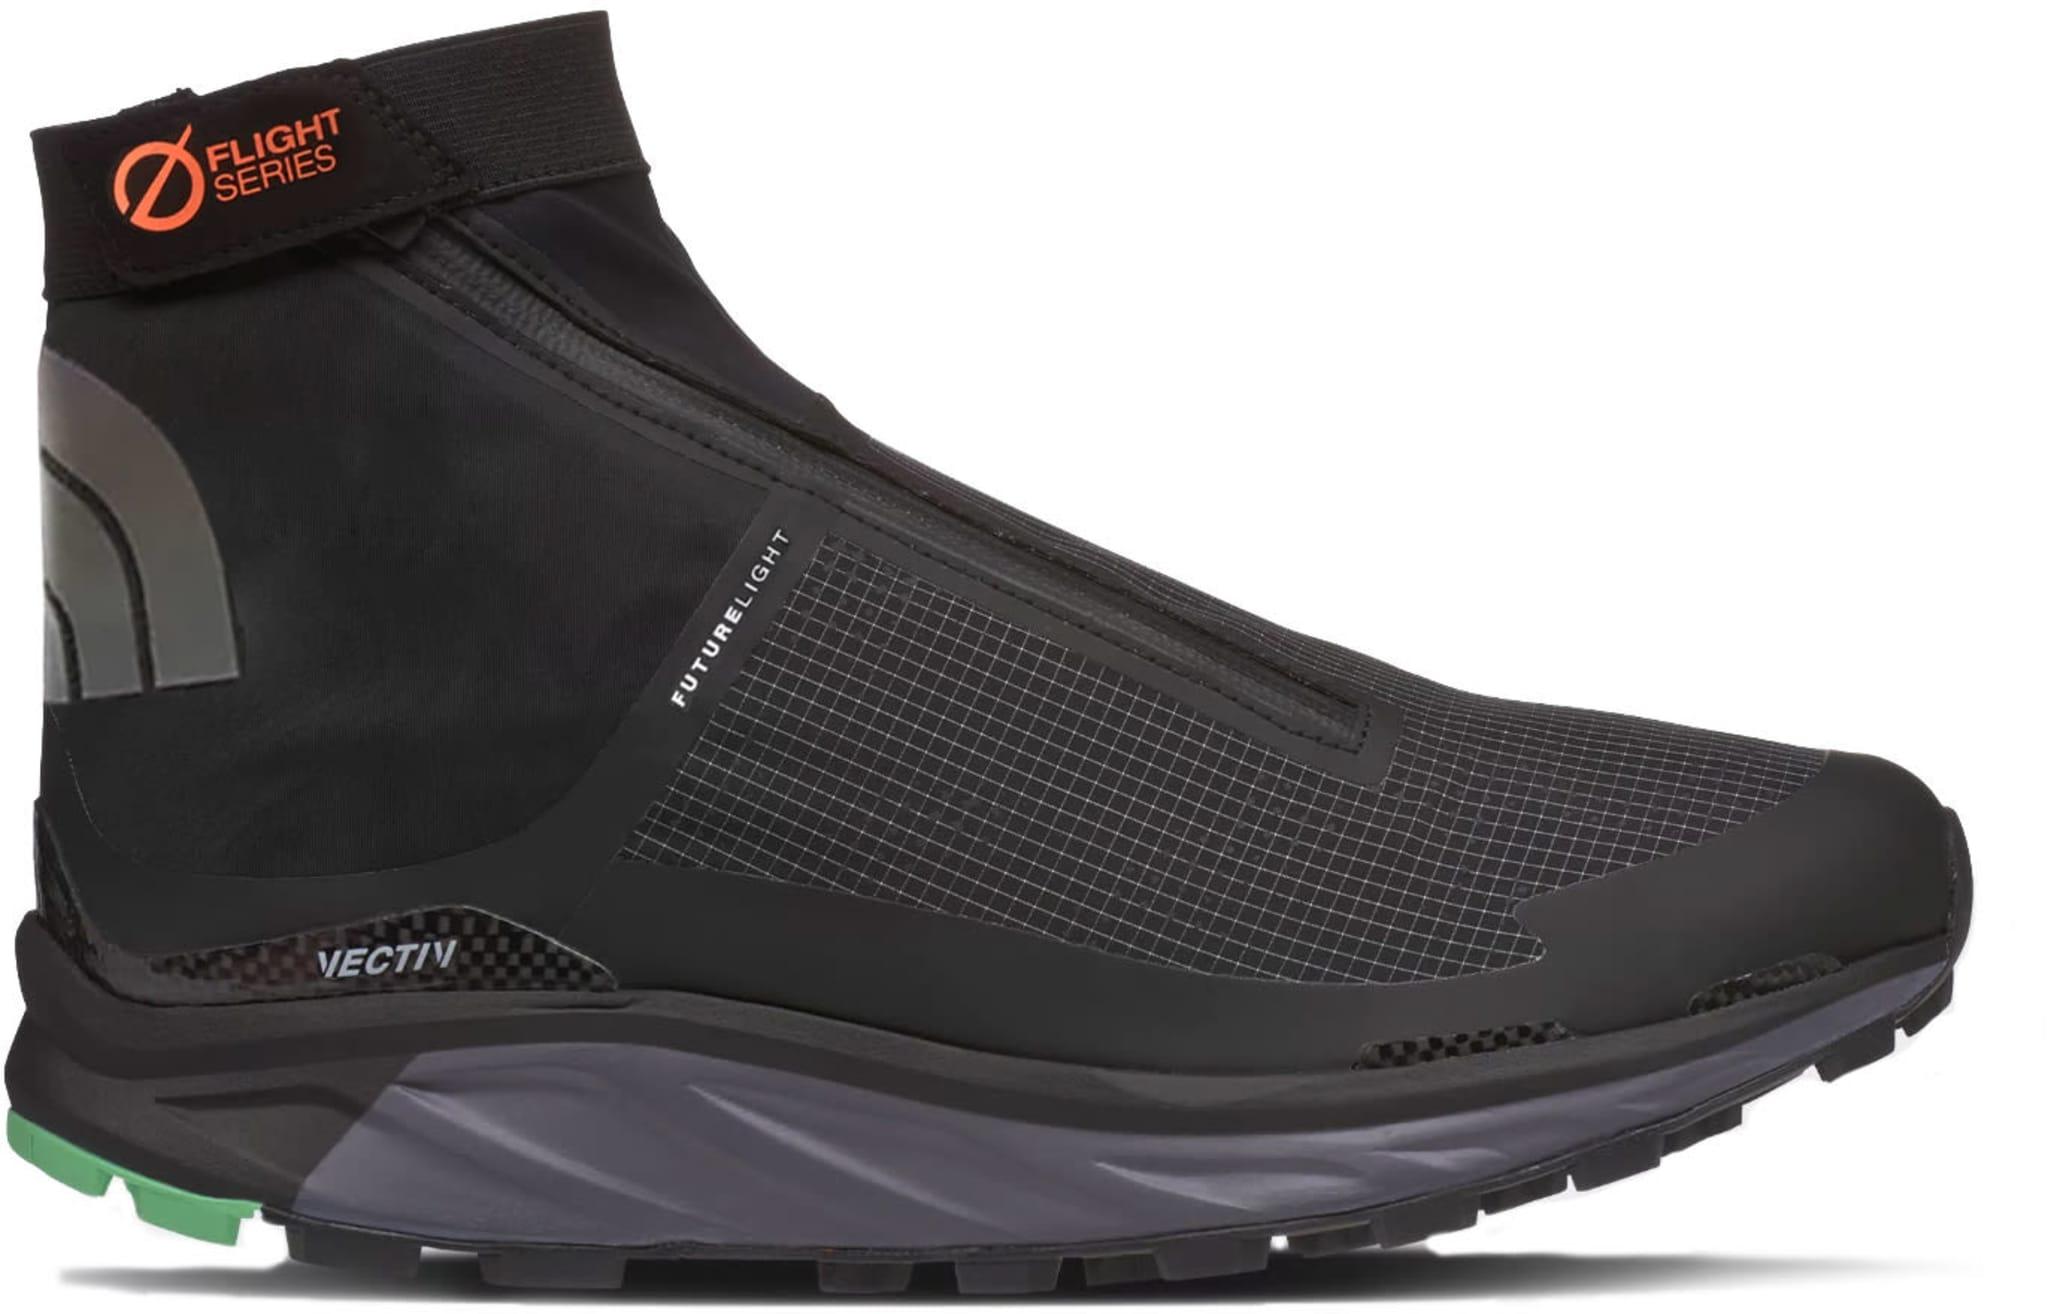 Vanntett terrengløp-sko med karbonfiberplate